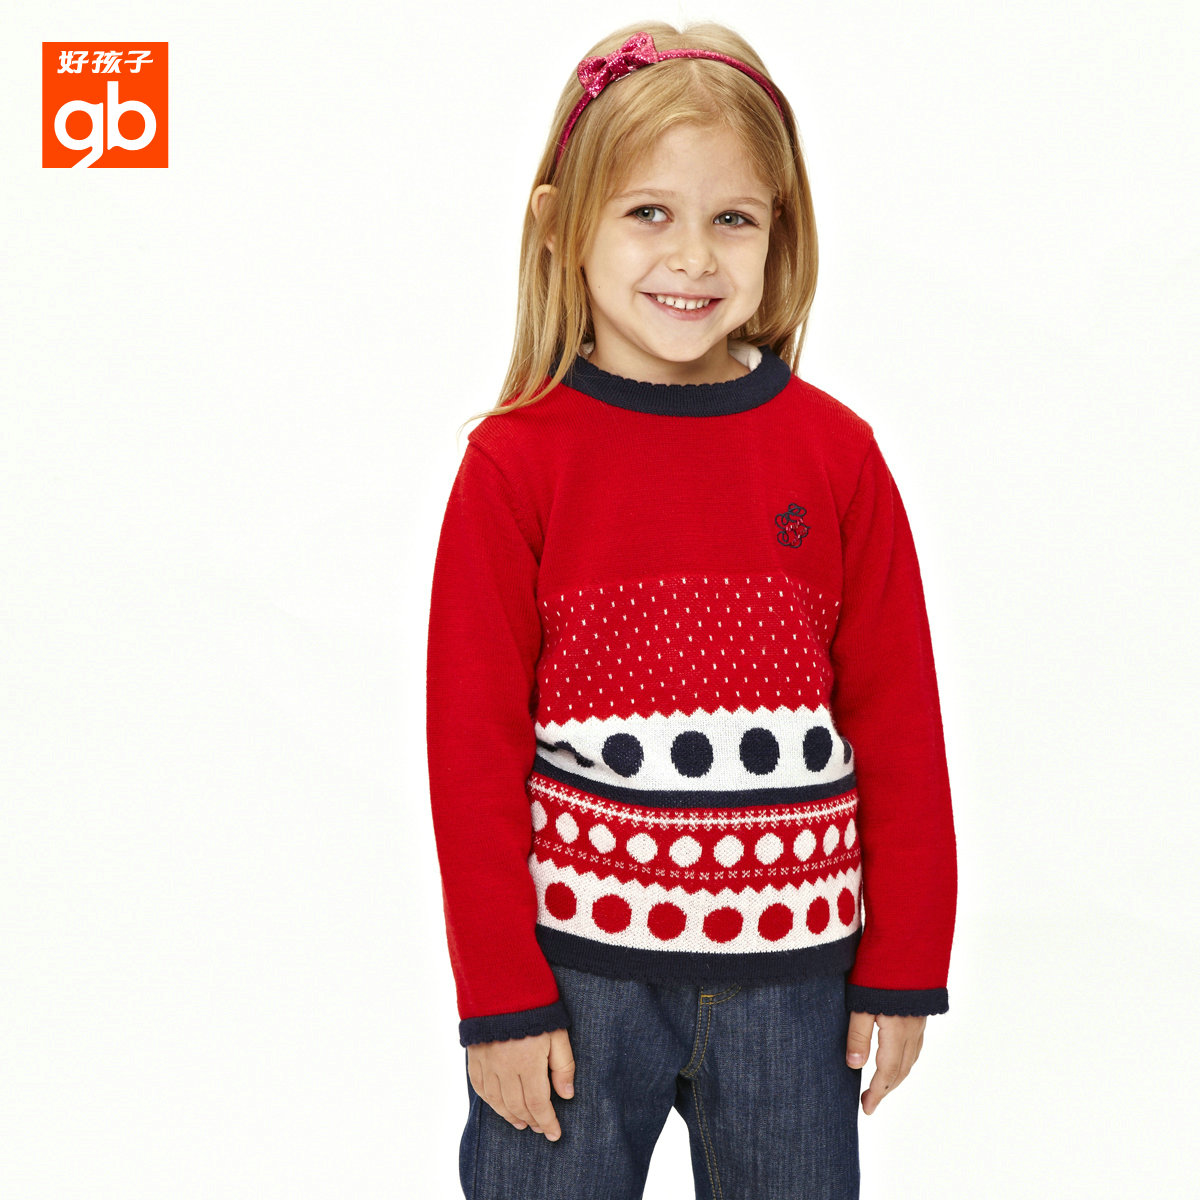 好孩子童装 2014冬季新款 儿童毛衣 女童贵族休闲提花针织衫线衫